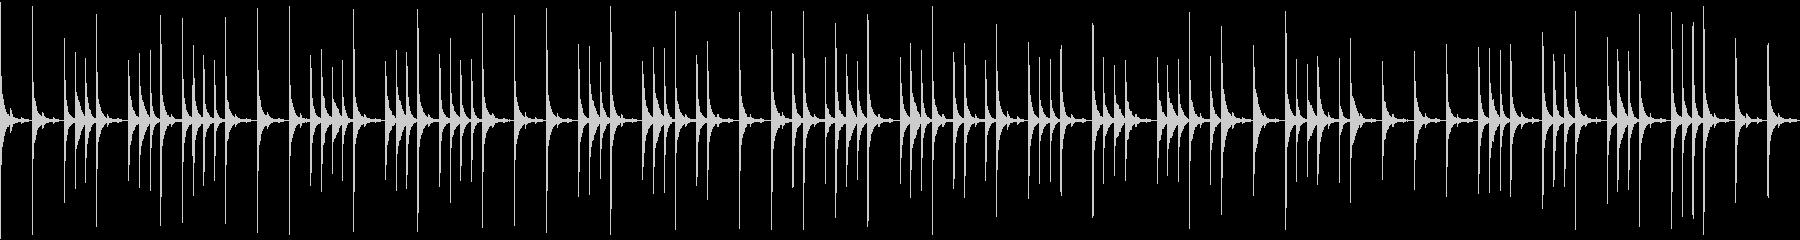 グロッケンの音色のゆっくりした曲ですの未再生の波形